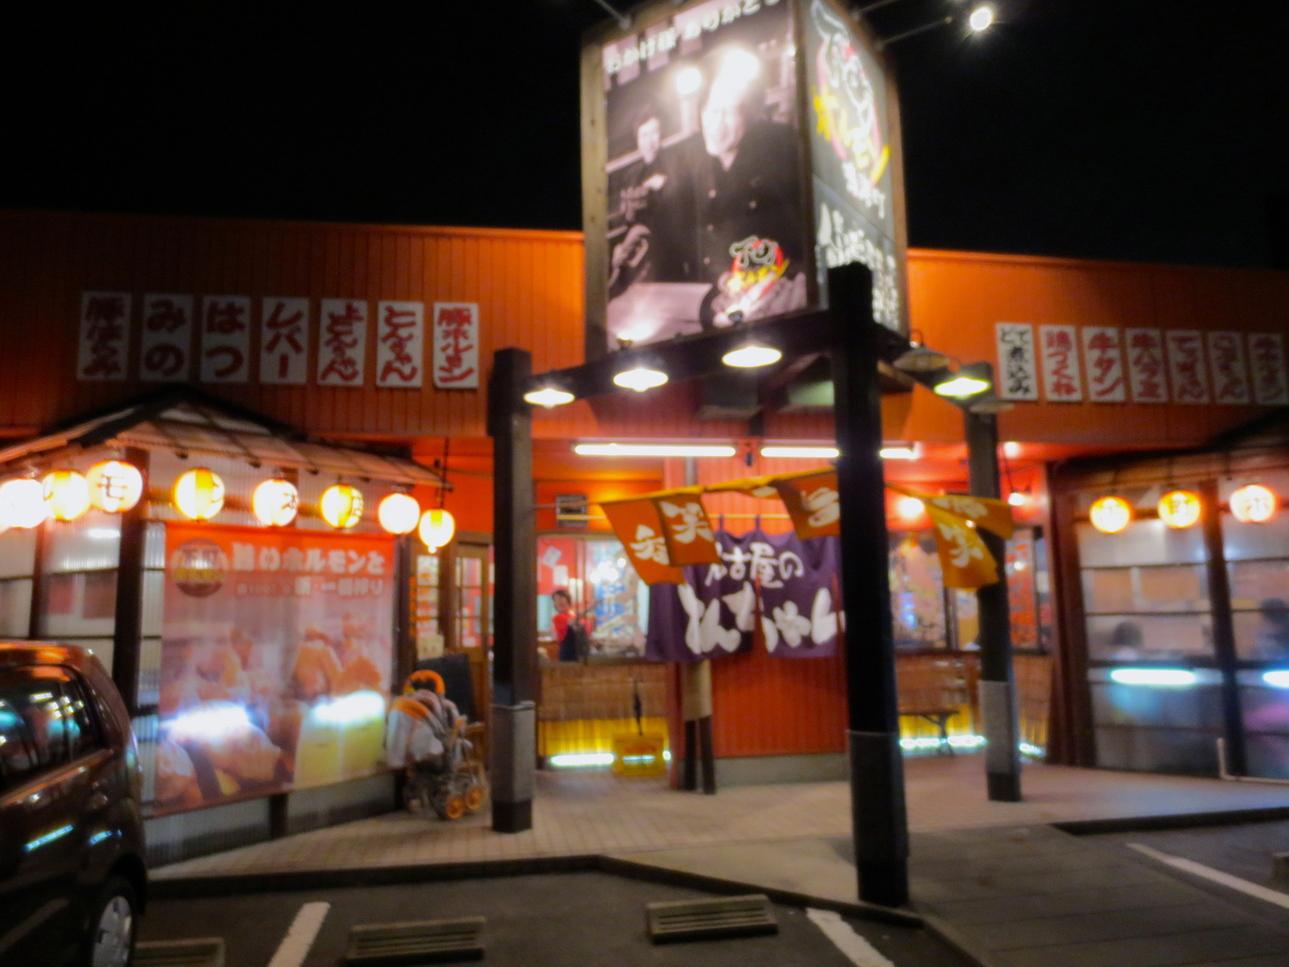 下町ホルモン 本店